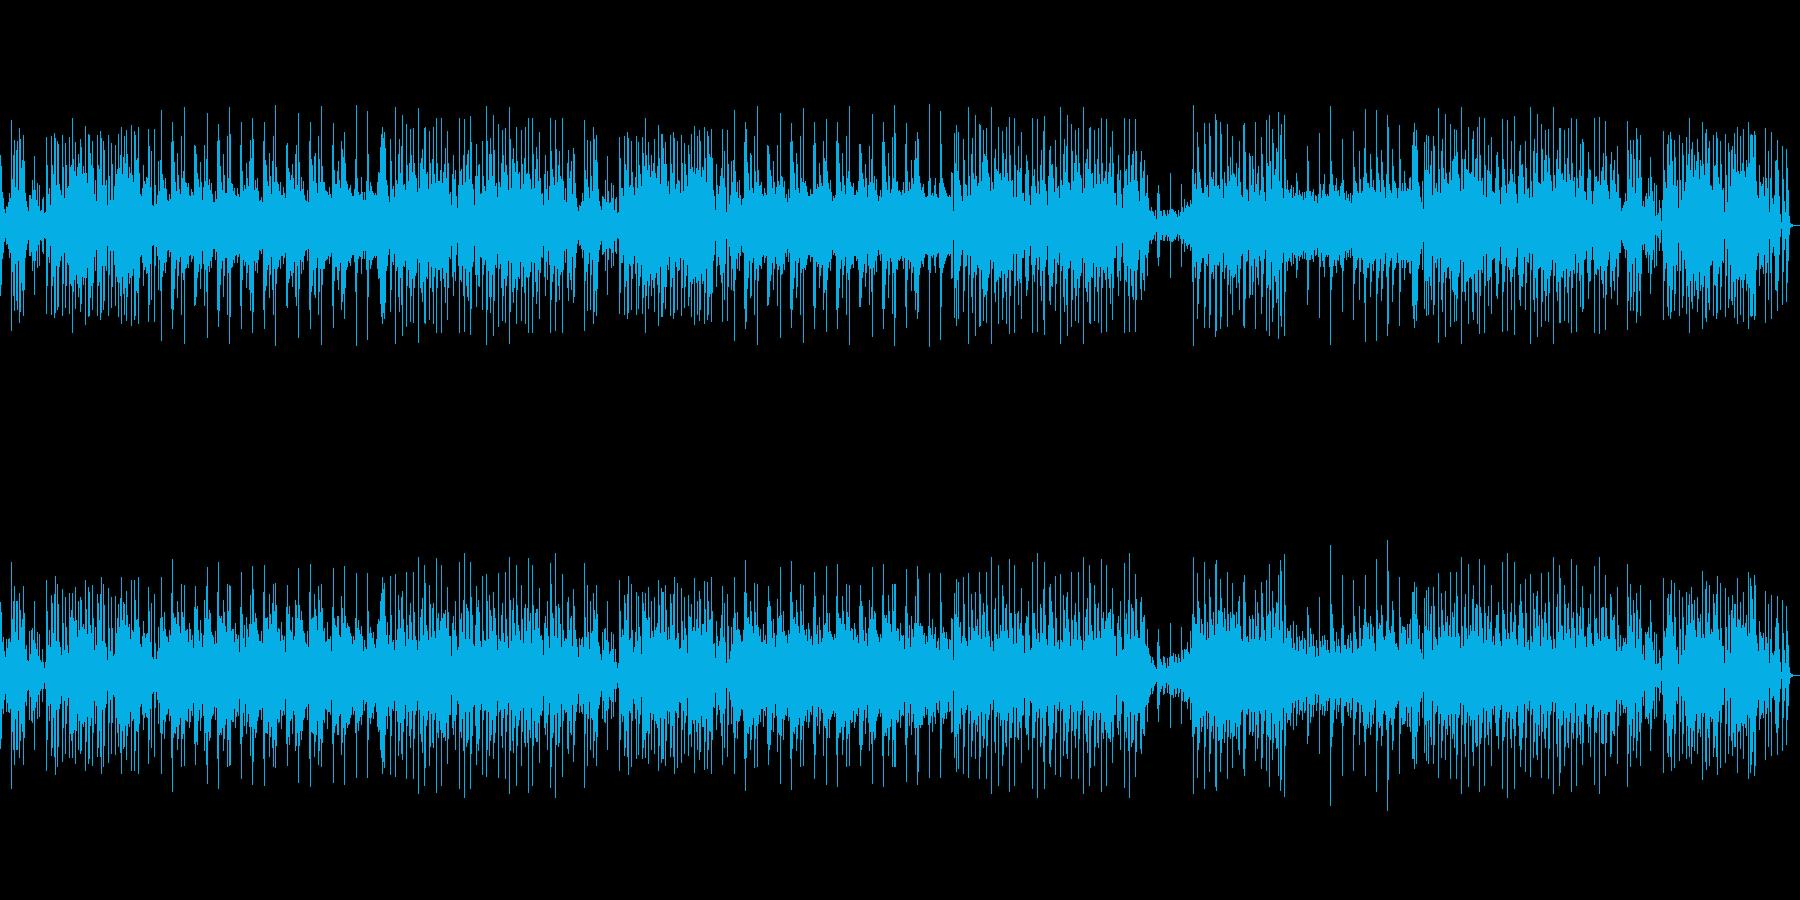 高音質♪和風のJAZZpopなBGMの再生済みの波形